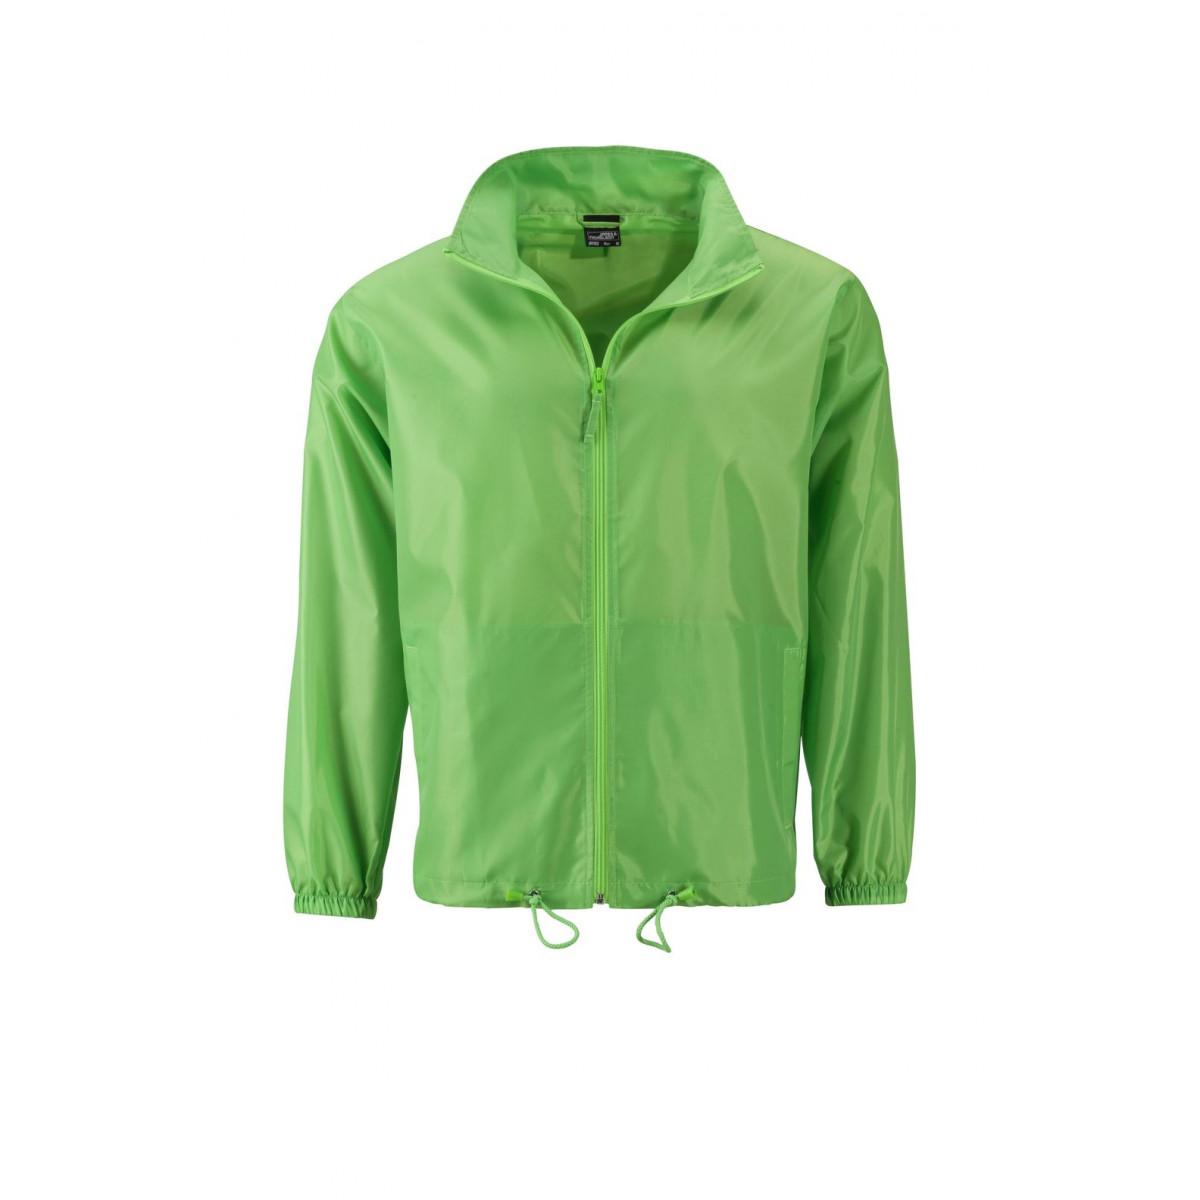 Куртка мужская JN1132 Mens Promo Jacket - Насыщенный зеленый